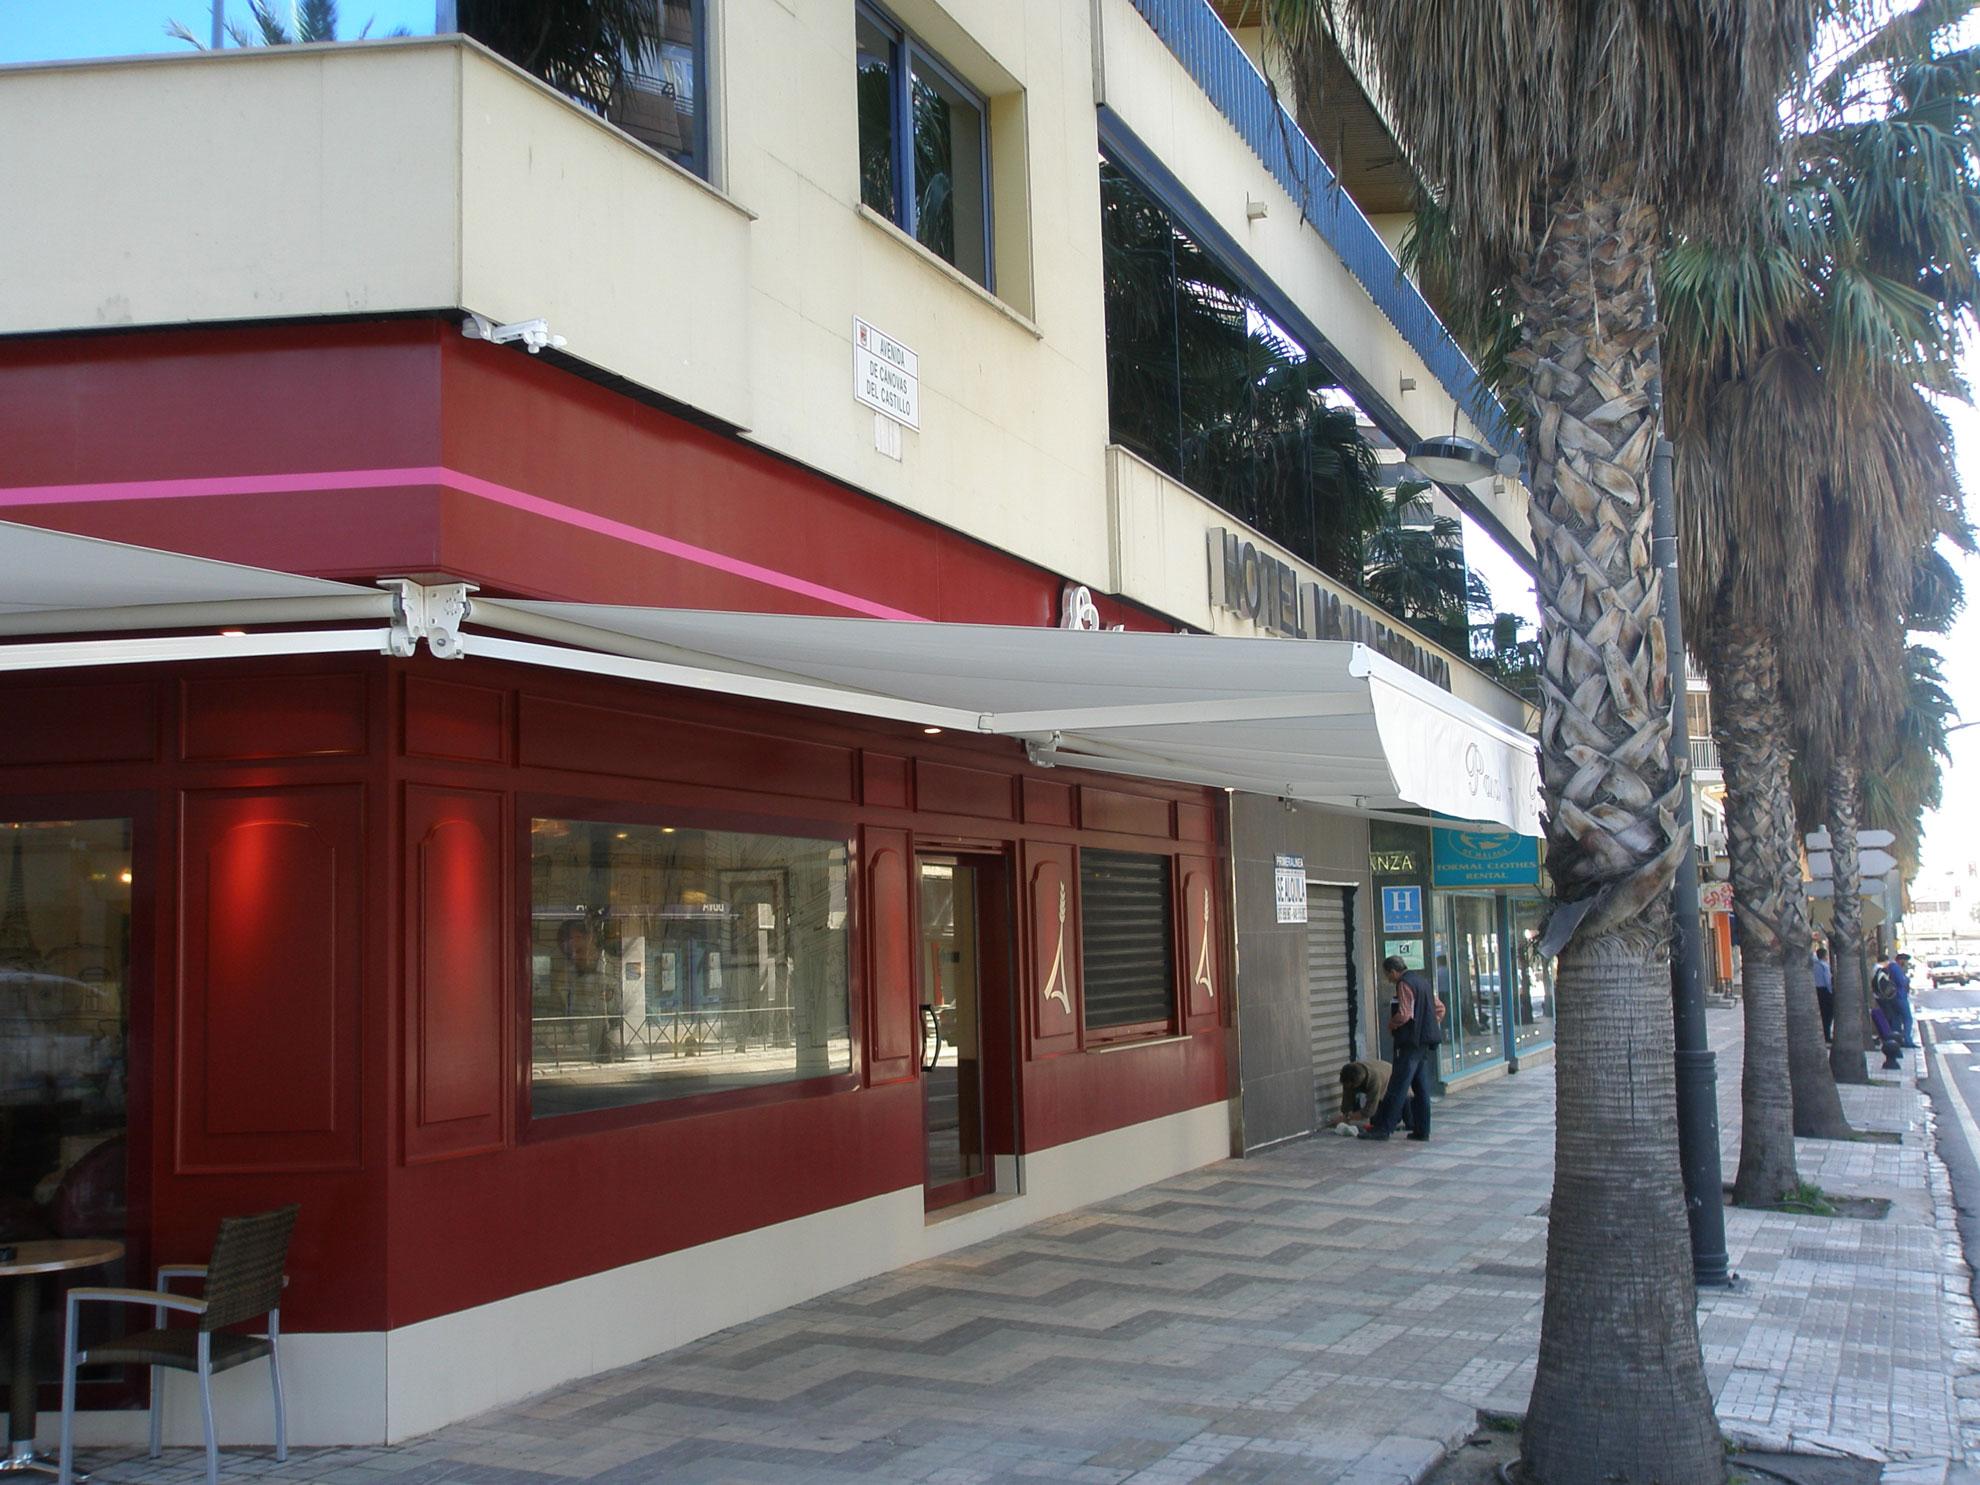 Toldos andaluc a toldos soluci n ideal para - Toldos terrazas bares ...